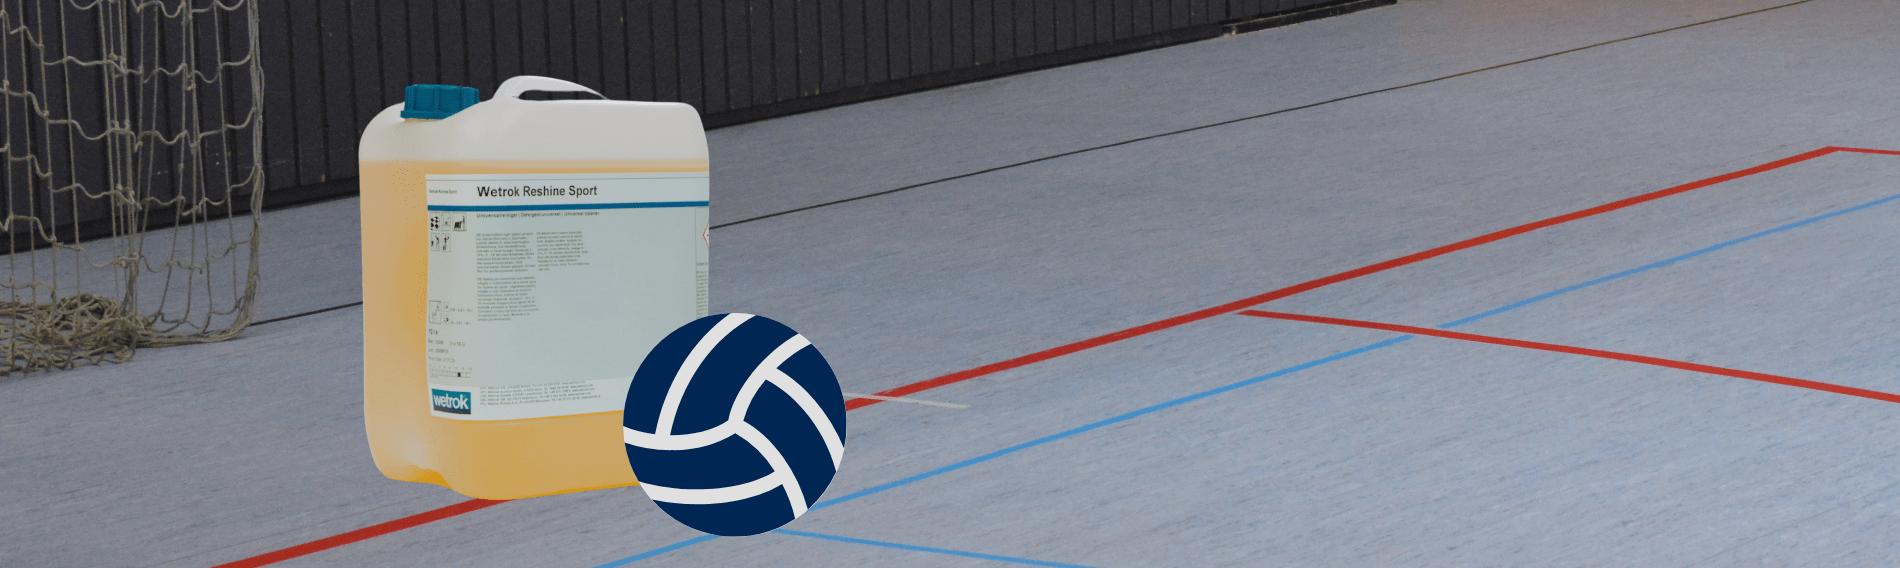 Wetrok Reshine Sport